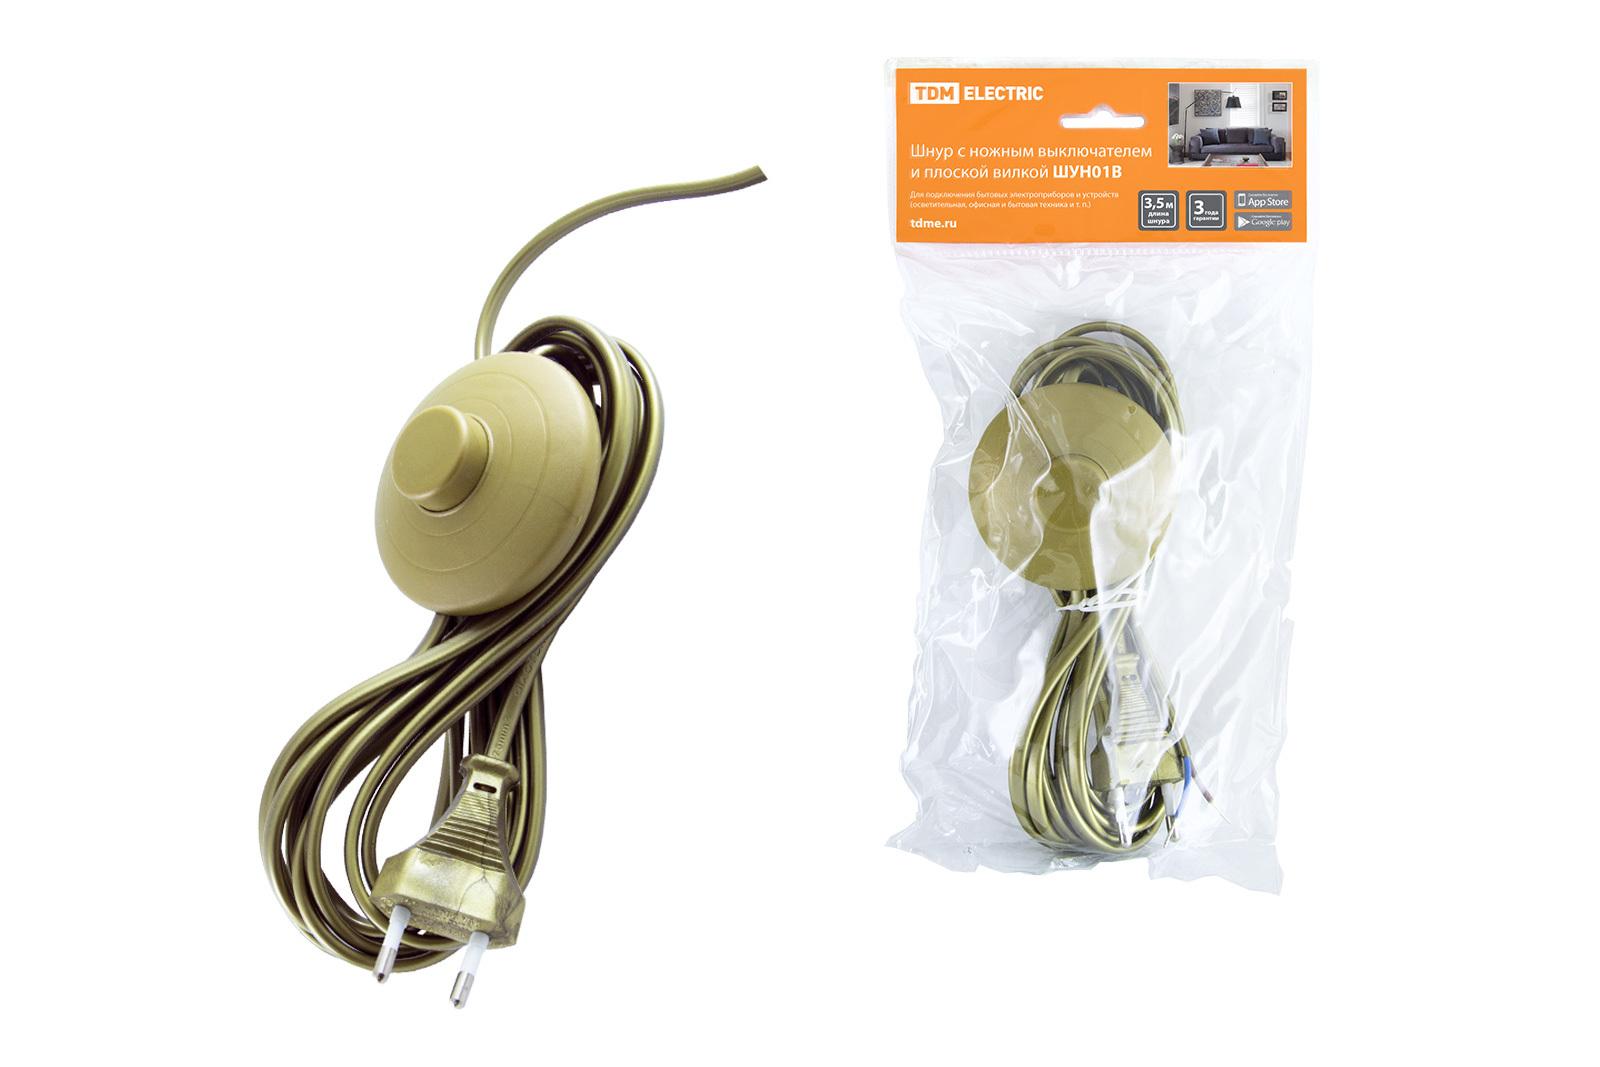 Шнур с ножным выключателем и плоской вилкой ШУН01В ШВВП 2х0,75мм2 3,5м. бронза TDM